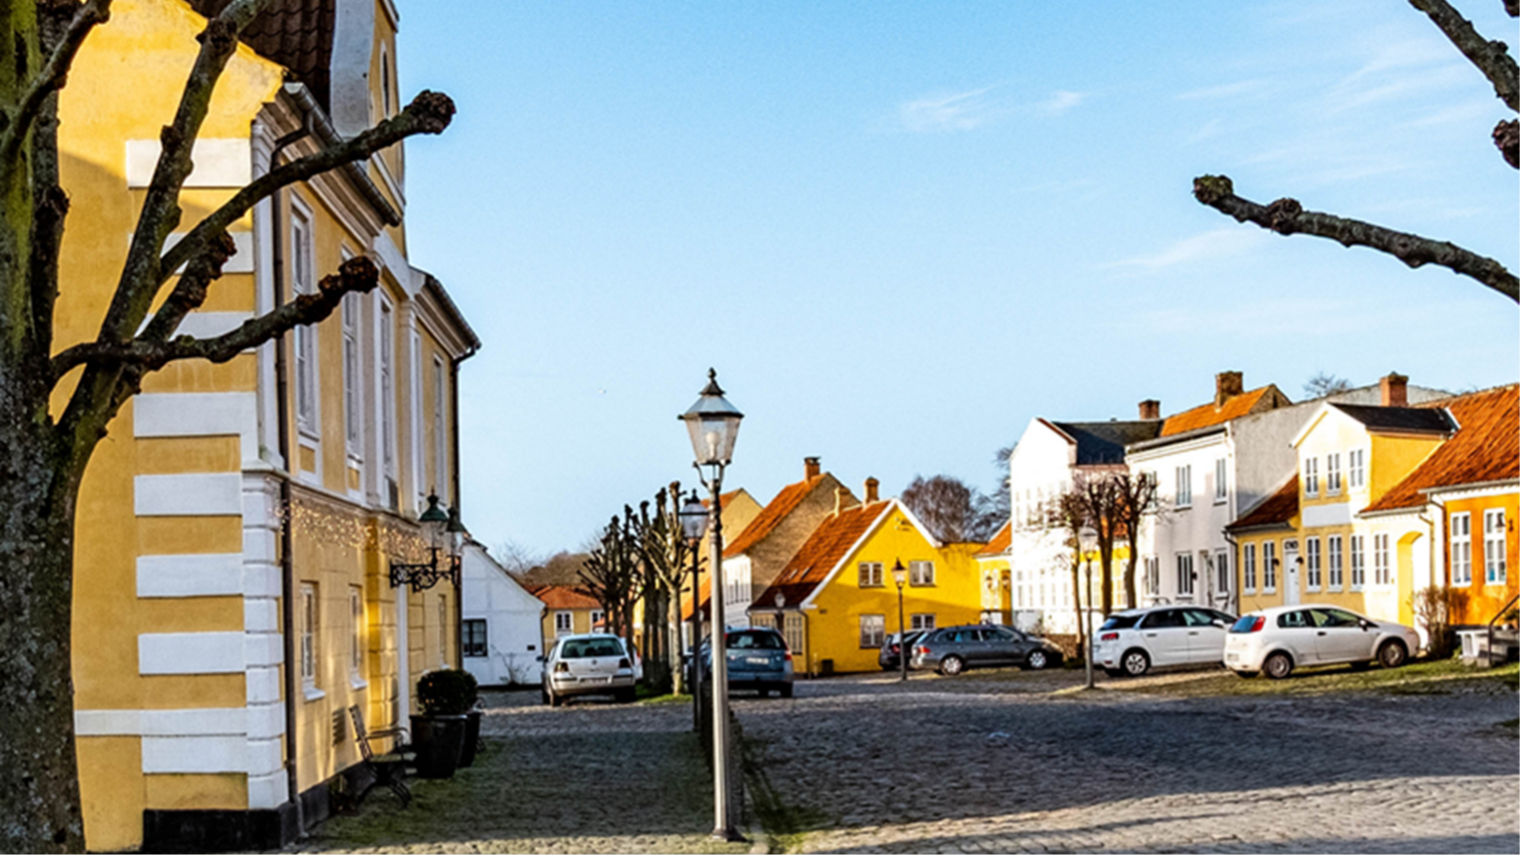 Grønnegade i Præstø. © Niels Dentrup